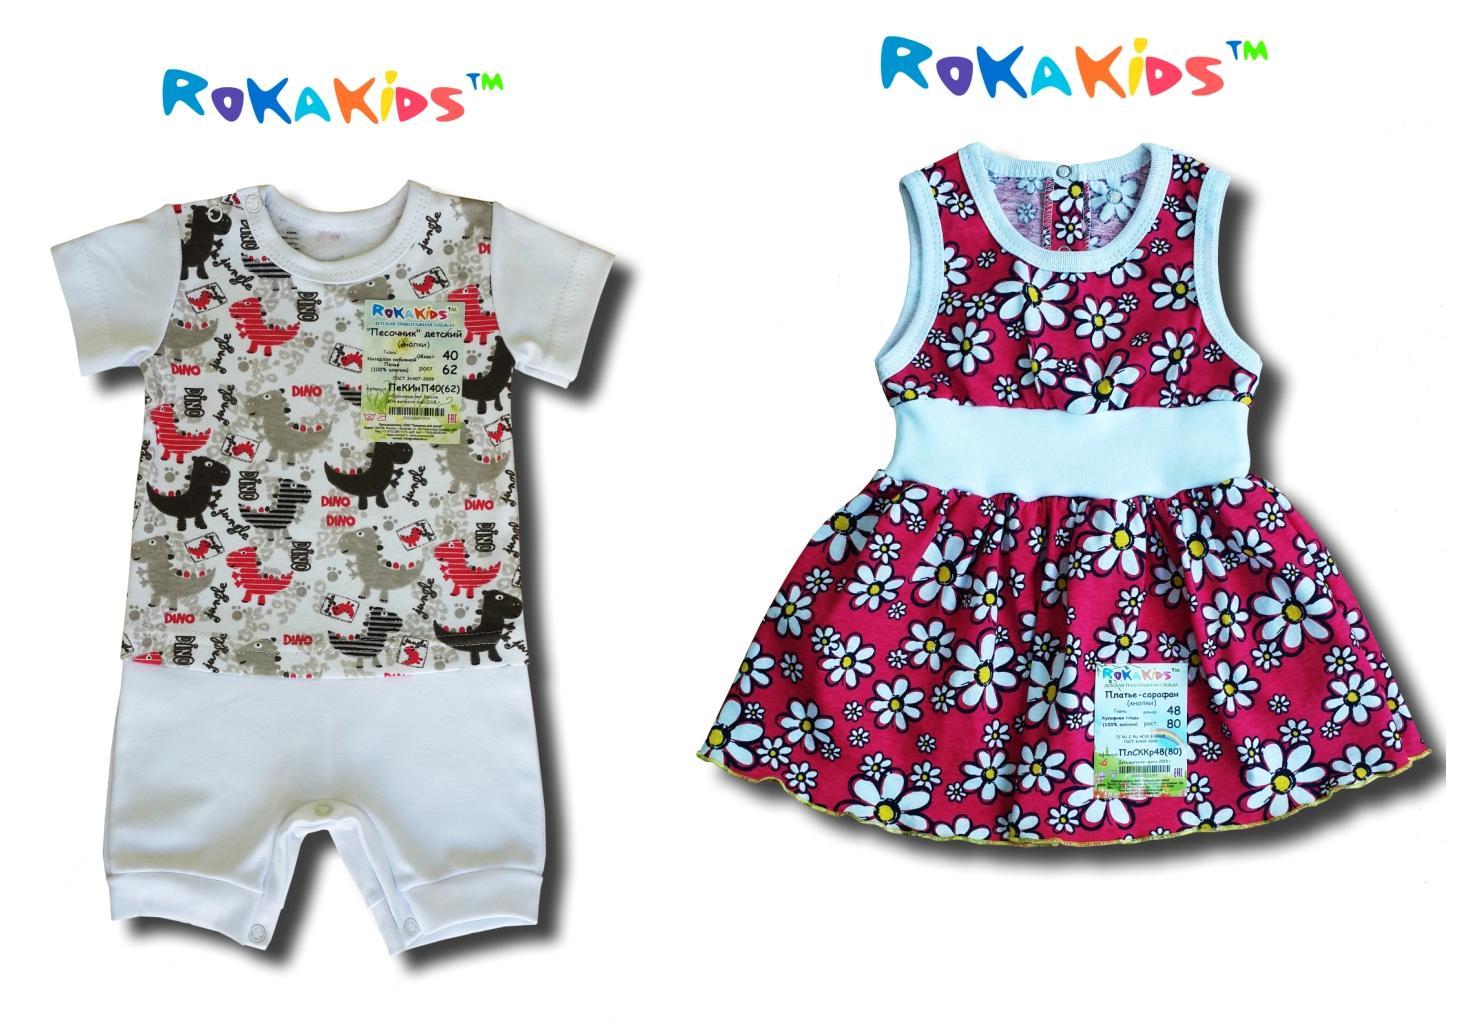 Невероятно! Детский трикотаж от 0 до 7 лет без рядов! РокаКидс- 9. Очень низкие цены и непревзойденное качество! Распашонки, пижамки, ползунки, костюмчики, полные комплекты, футболки, шорты, платья, джемпера...